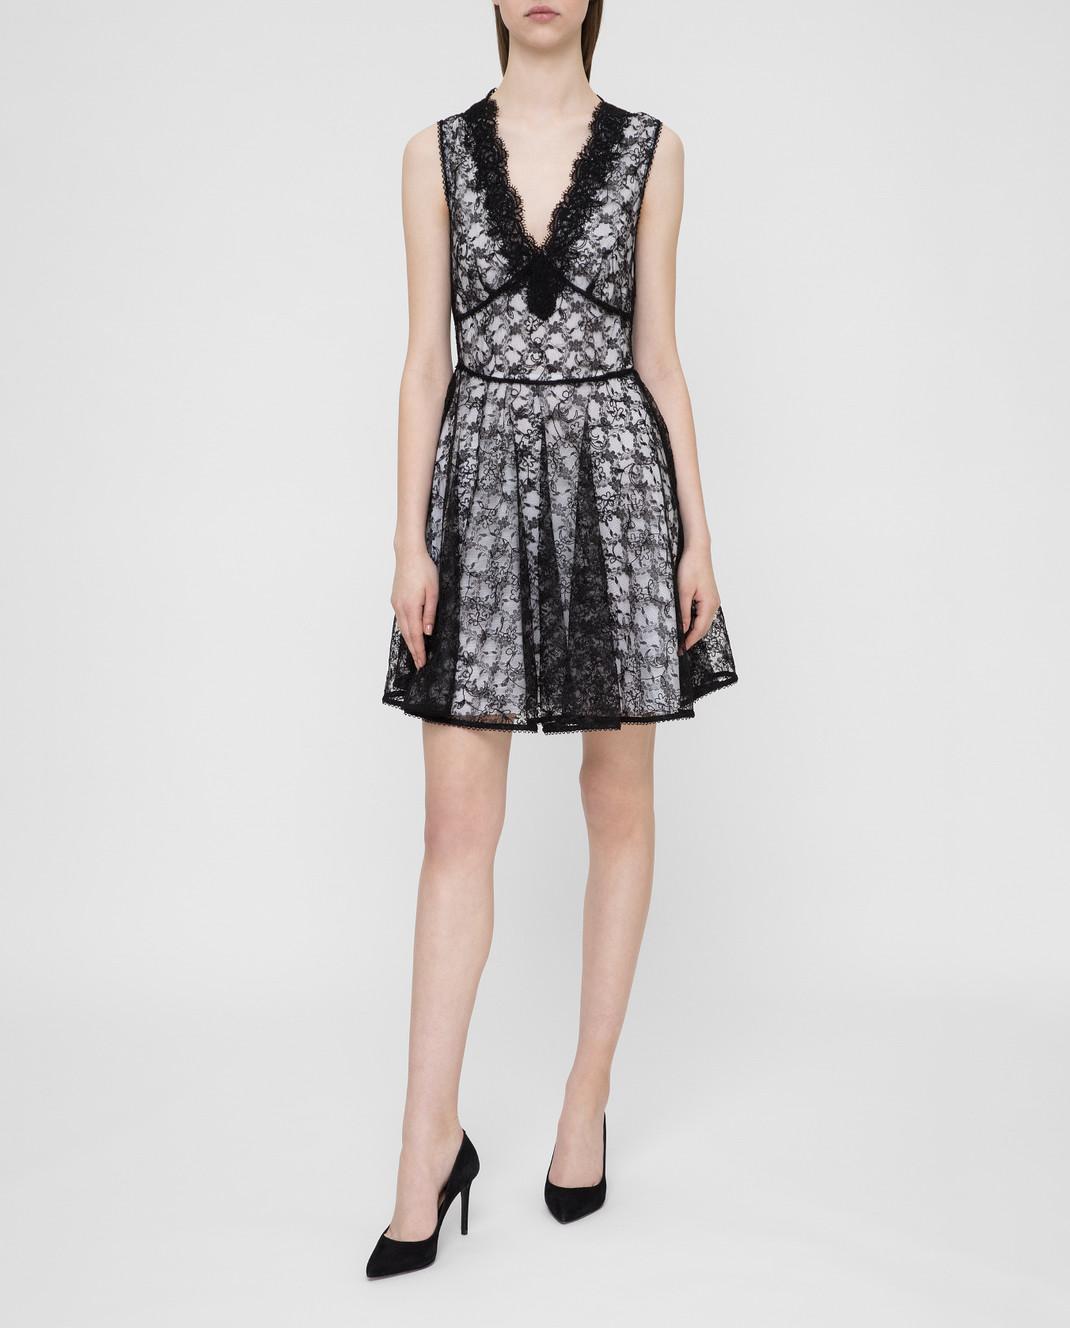 Ermanno Черное платье из кружева AB36 изображение 2